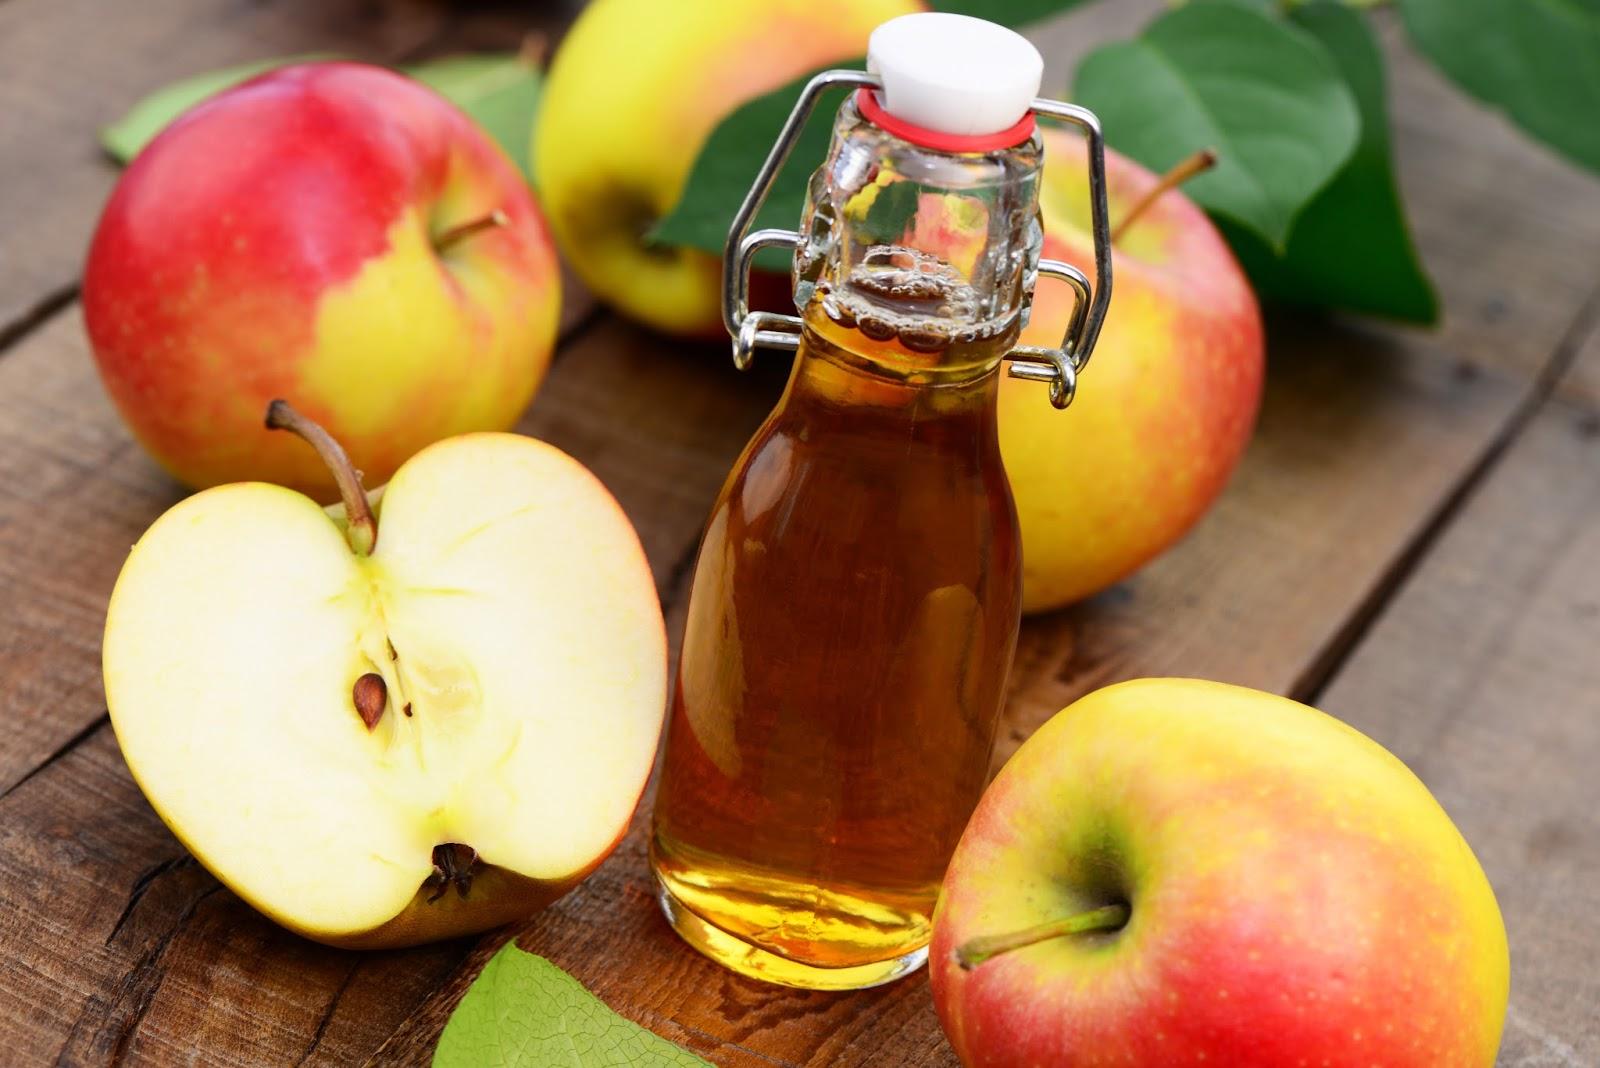 Sonbaharda elma: nasıl ve neden yapılmalı